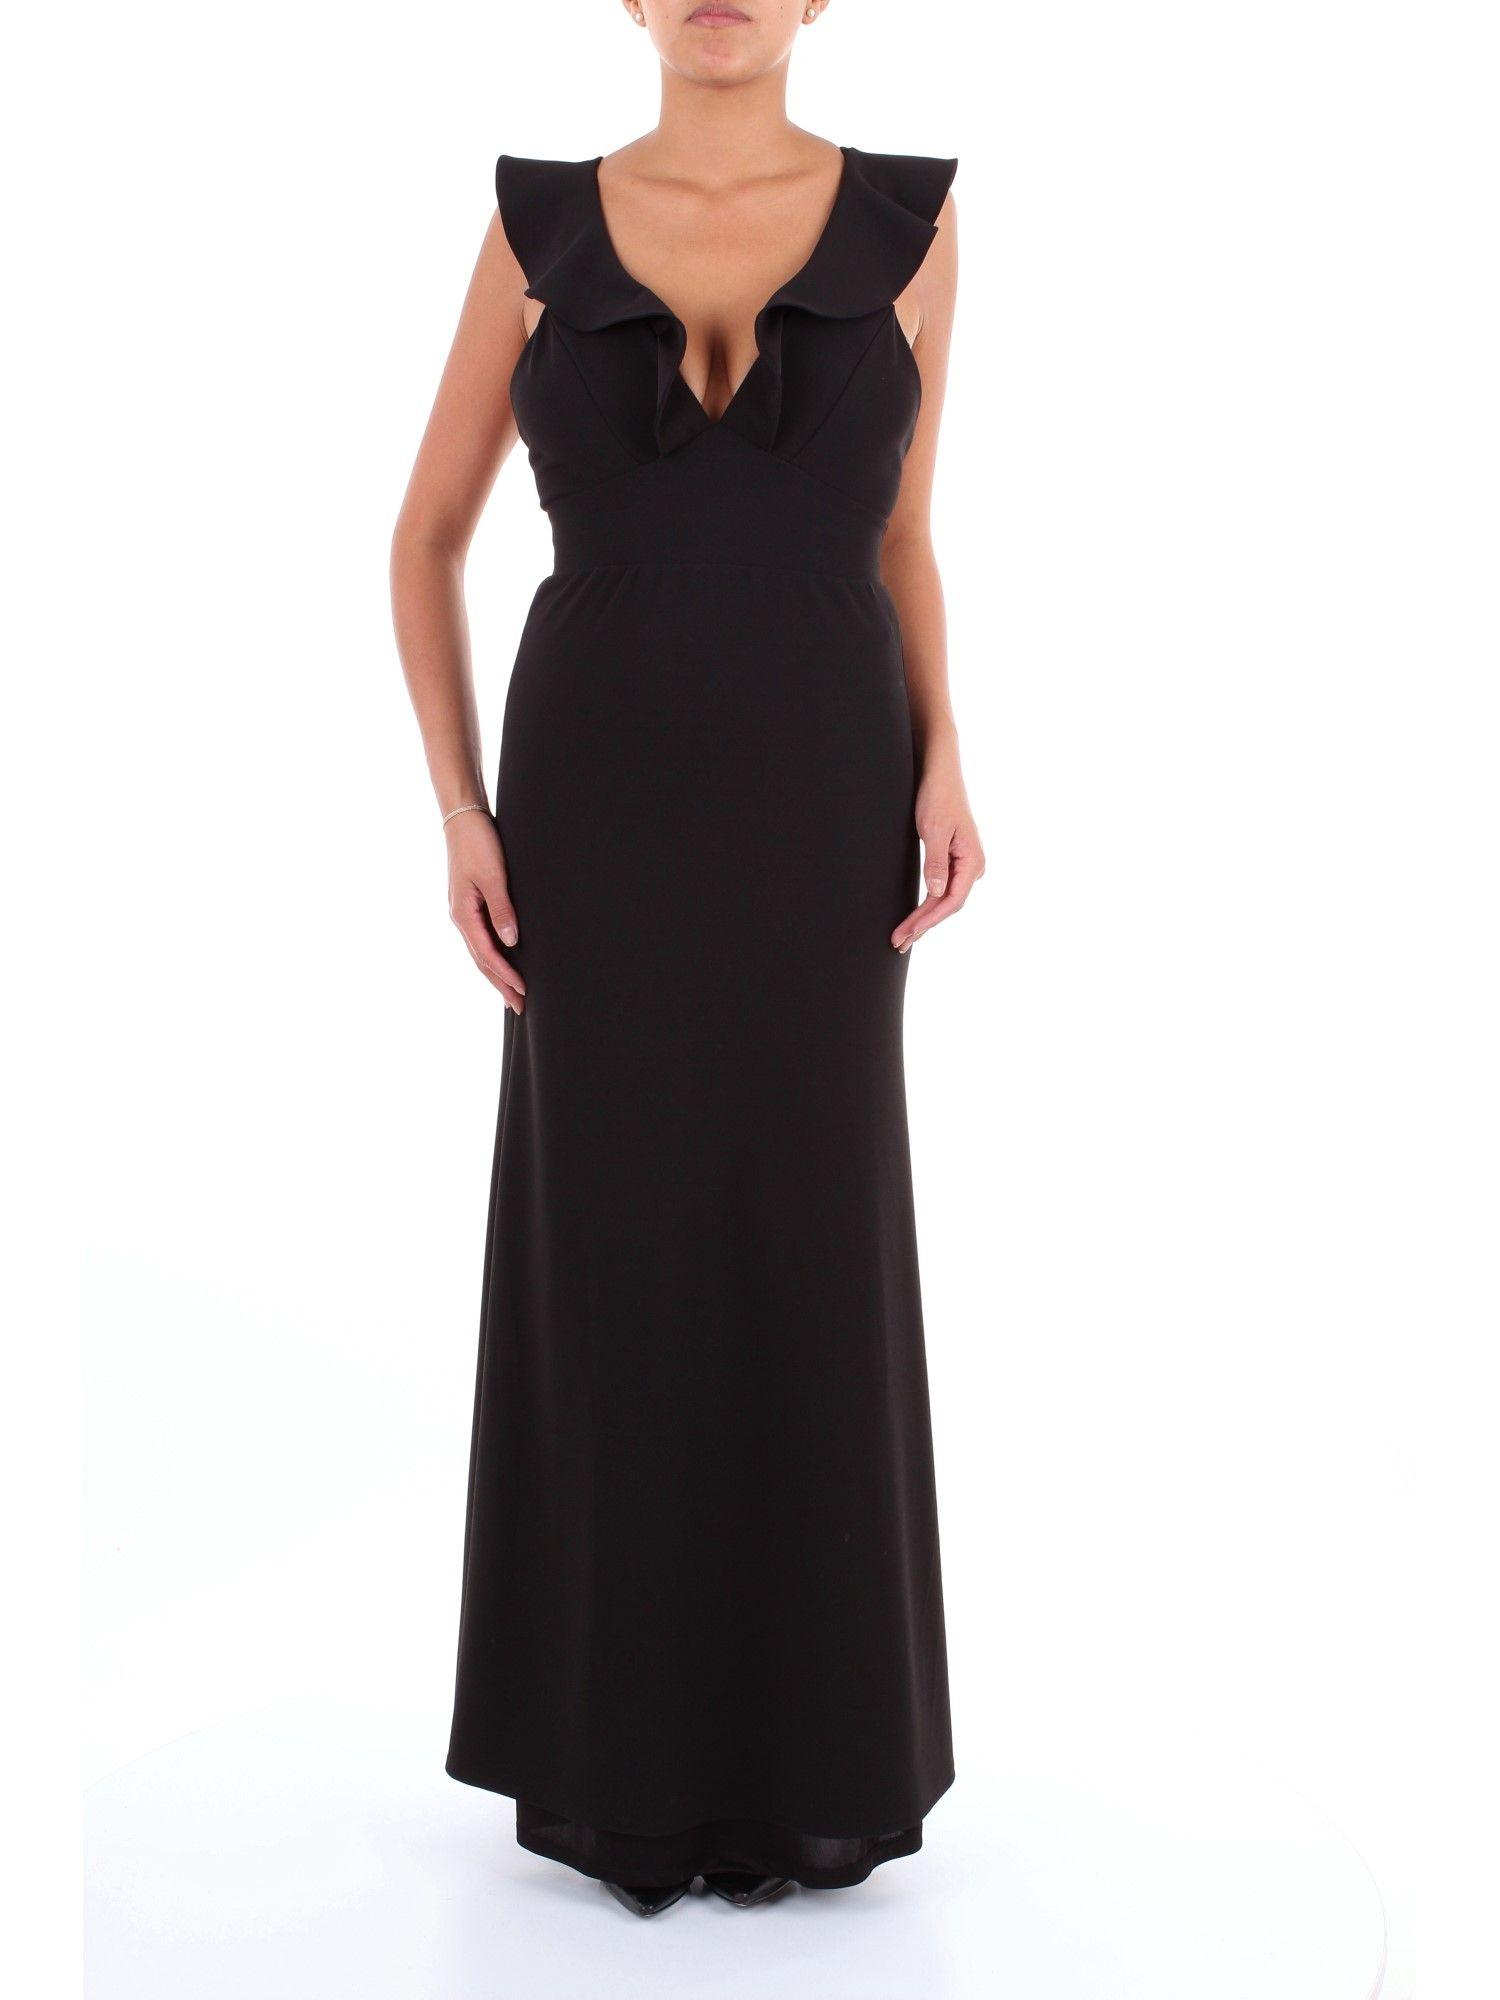 So Allure Women's Black Polyester Dress